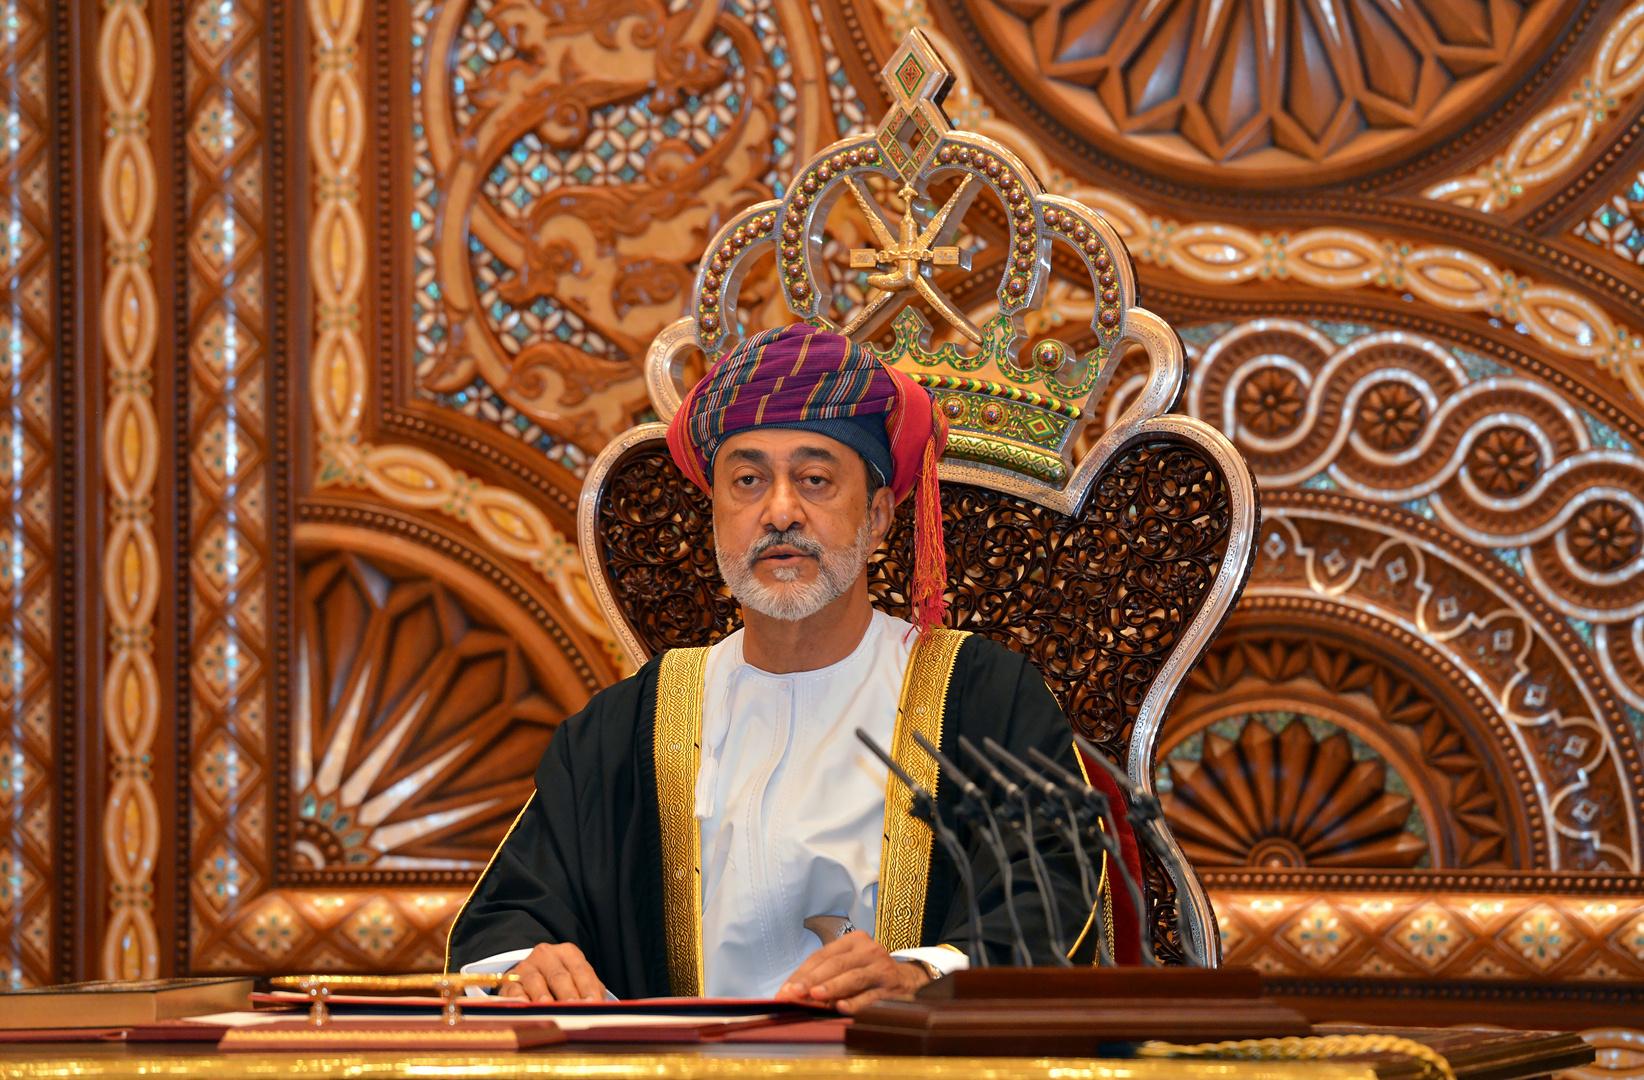 سلطان عمان هيثم بن طارق بن تيمور